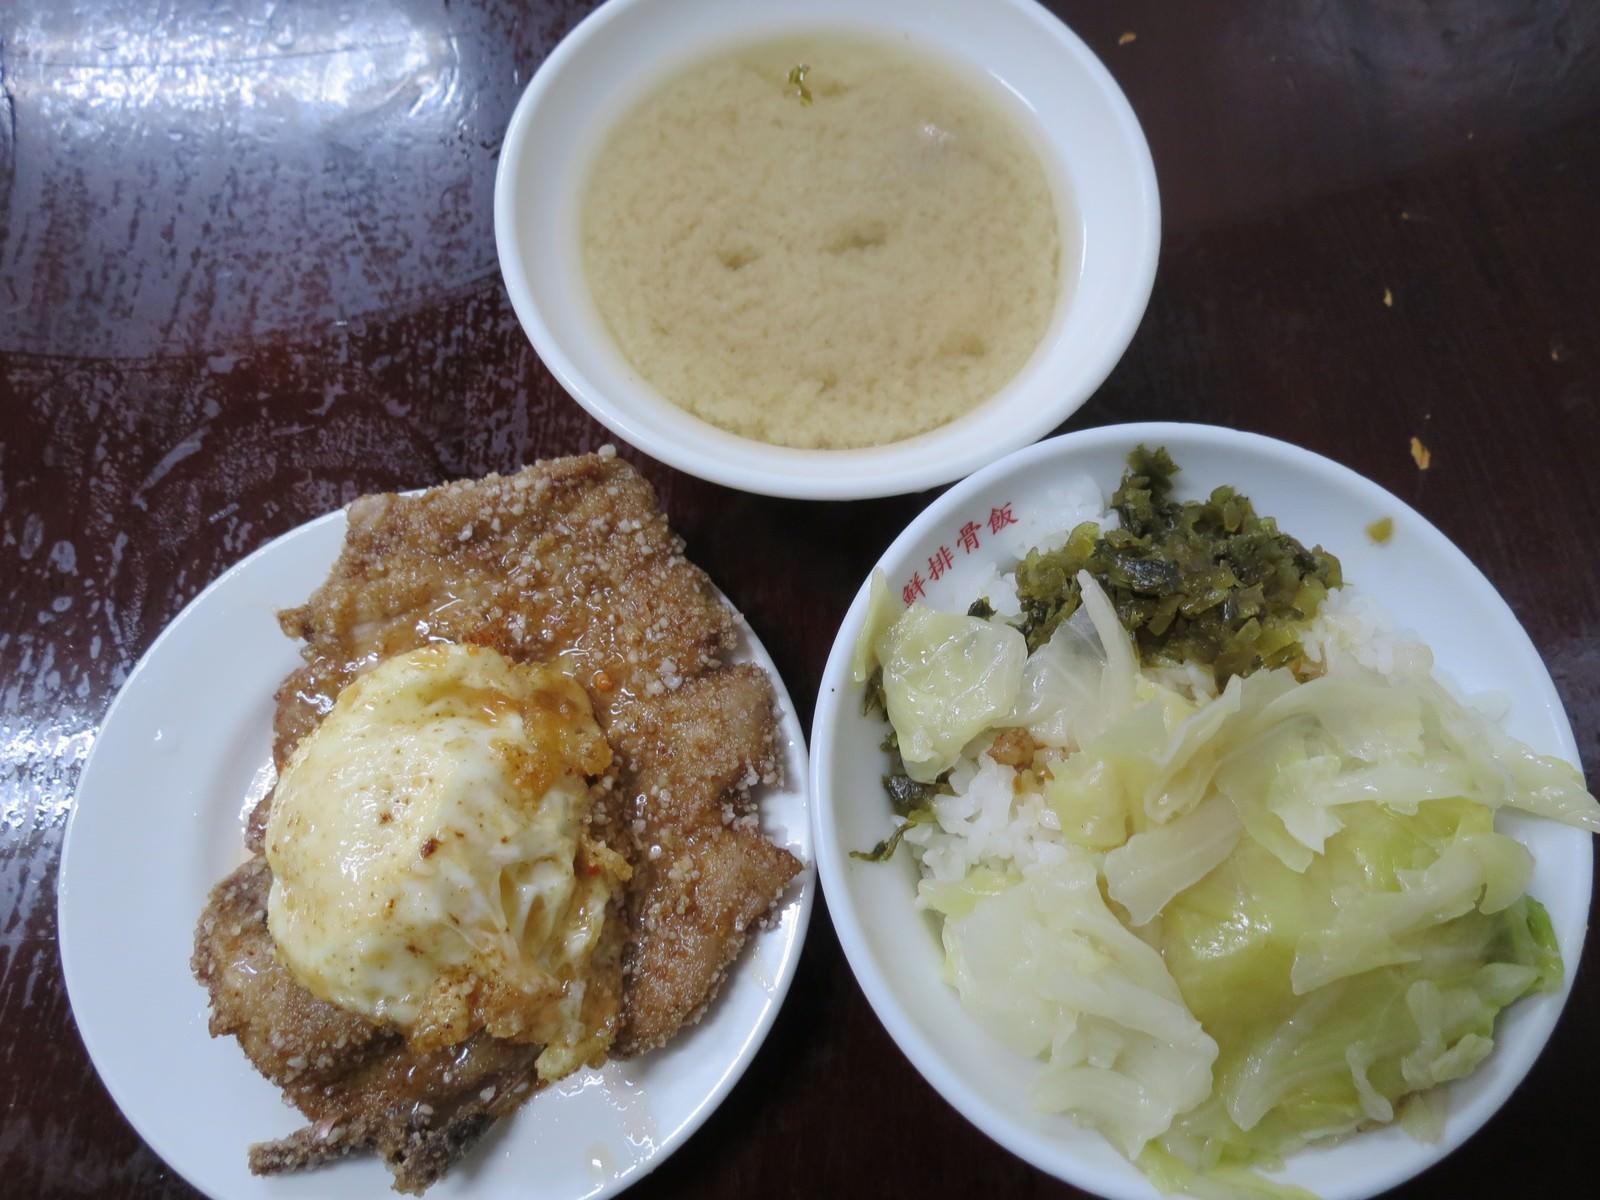 天天鮮排骨飯, 餐點